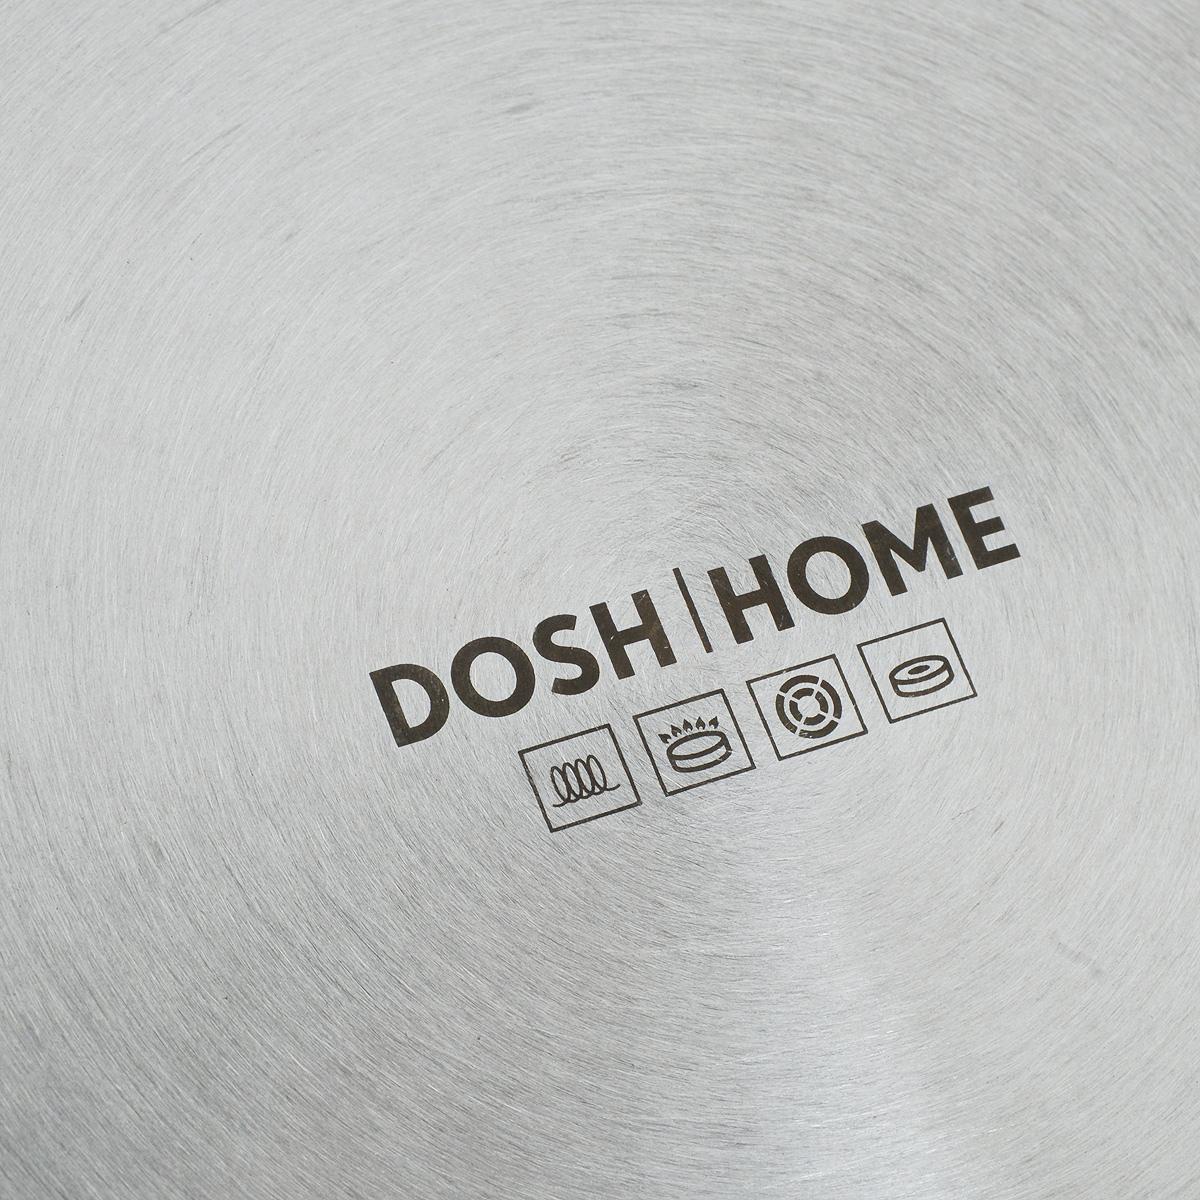 """Сковорода-гриль Dosh l Home """"Eridanus"""" выполнена из литого алюминия стандарта EN601 с  отличным швейцарским антипригарным покрытием премиум класса (ILAG Ultimate). Это  трехслойное покрытие с усилением в виде керамических частиц в каждом из слоев. Его  отличает  высокая устойчивость к царапинам, истираемости и коррозии. Данное покрытие рассчитано  на  интенсивное домашнее и профессиональное использование.  Сковорода оснащена съемной бакелитовой ручкой, которая отлично экономит пространство  и  выдерживает температуру до 180°С. Механизм снятия ручки изготовлен методом  гальванопластики.  Подходит для использования на электрических, газовых, стеклокерамических,  индукционных и конвекторных печах. Подходит для использования в духовке (без ручки).  Можно  мыть в посудомоечной машине. Высота стенок: 4,5 см.  Длина ручки: 19 см."""